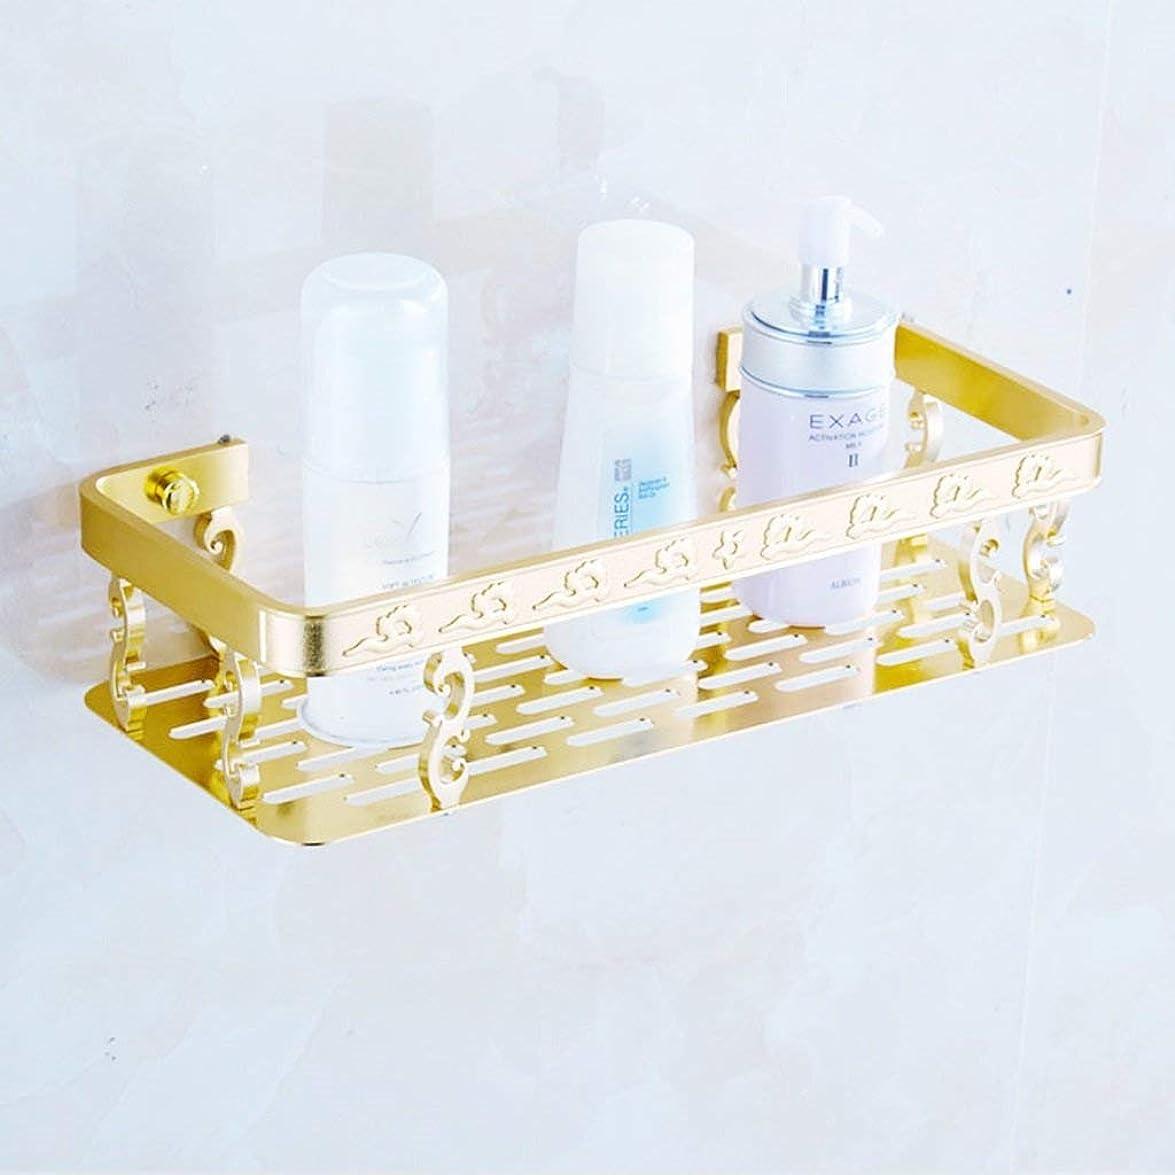 メーカー栄養立法ゴールデンバスルーム壁掛け棚-1フロア310mm * 50mm * 150mm-スクエアスペースアルミニウムバスルーム彫刻ストレージラック